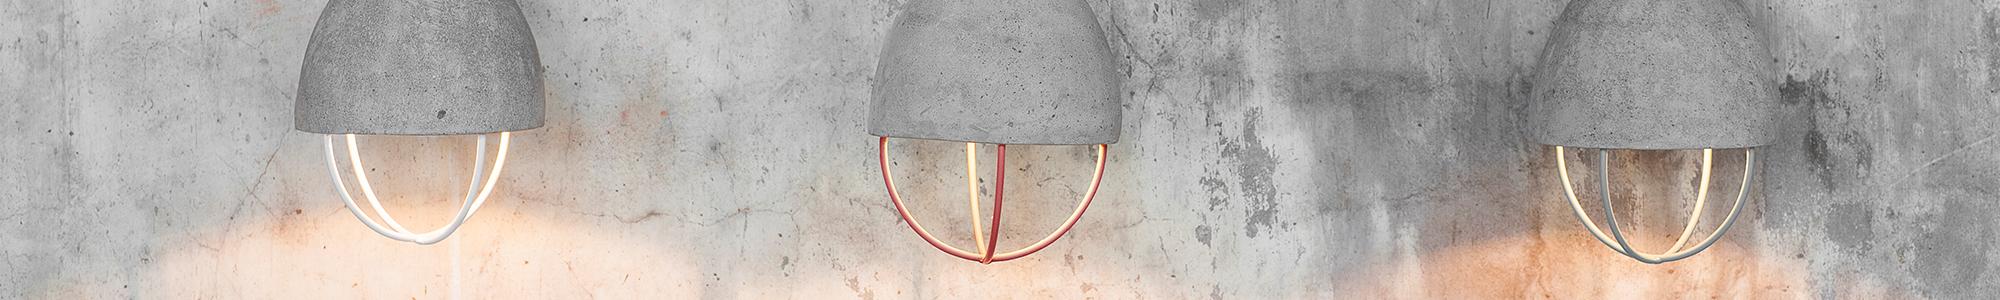 hanglamp beton